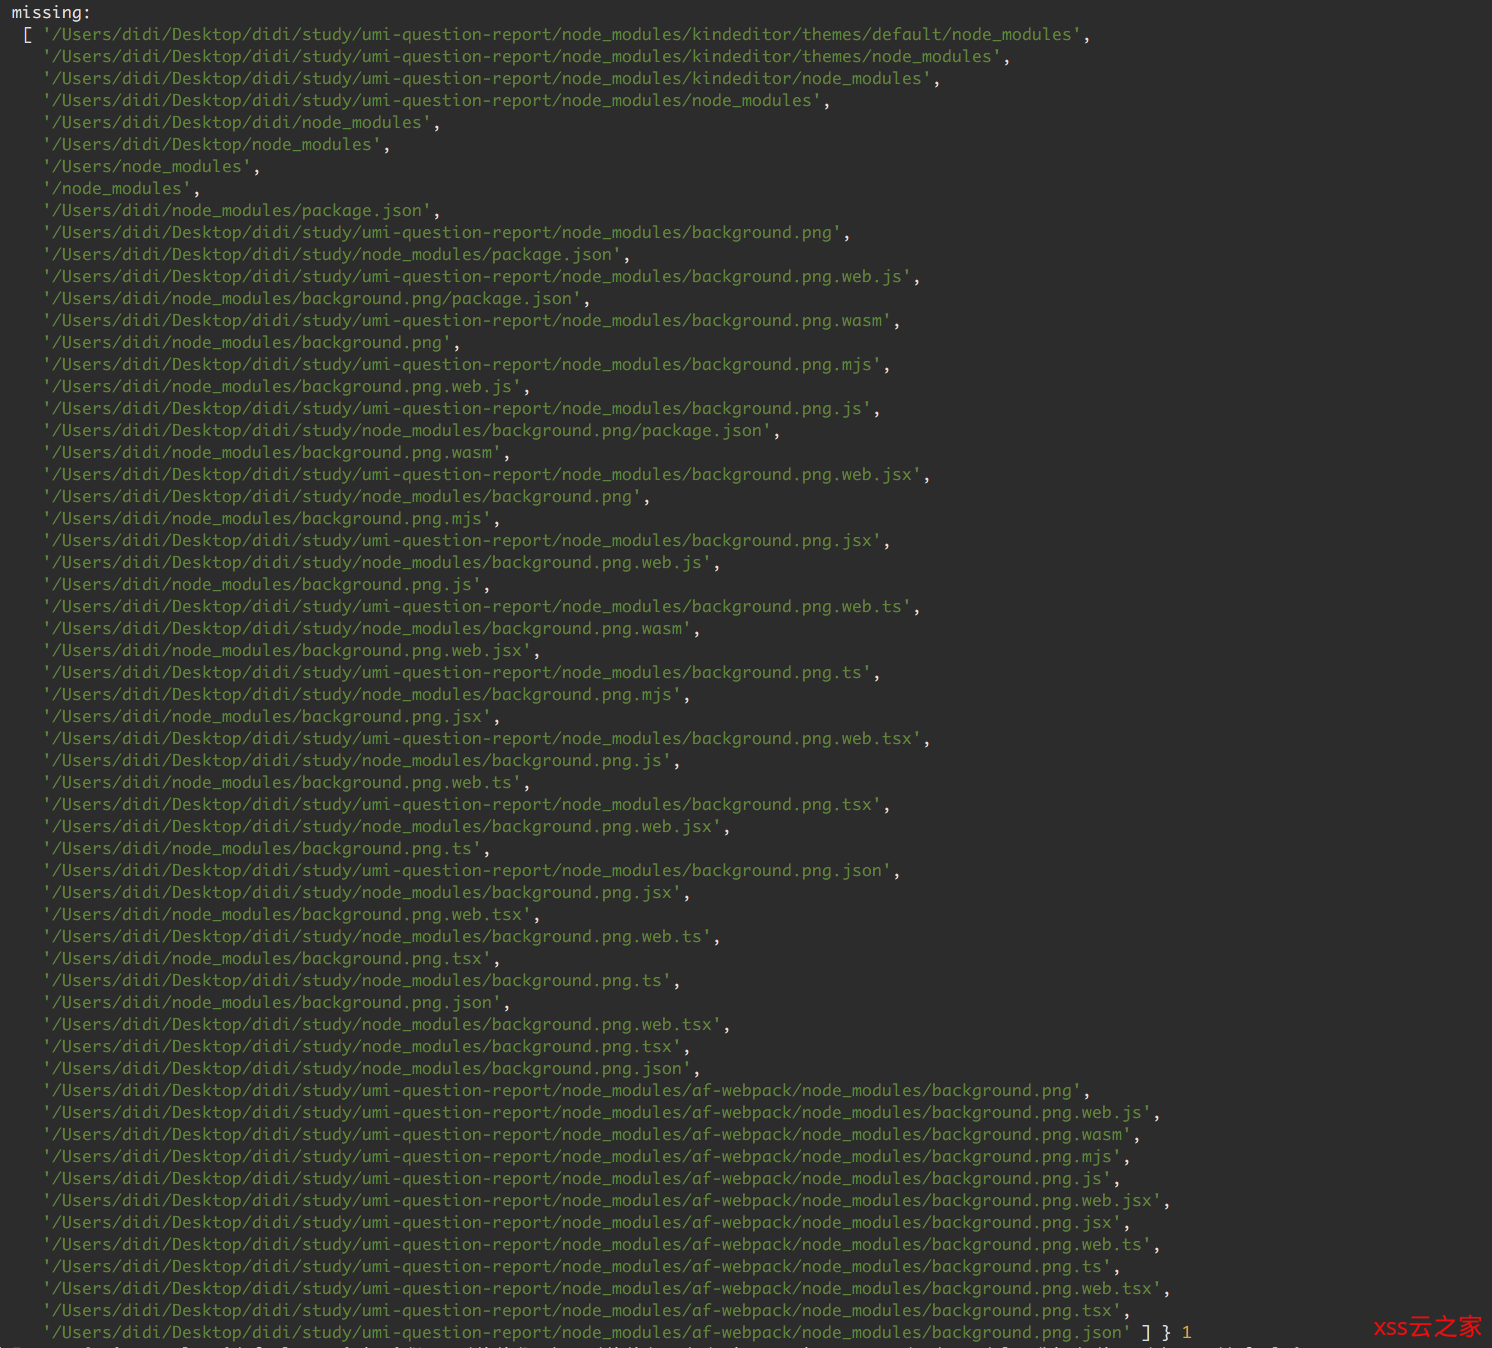 透过现象看webpack处理css文件中图片路径转换的具体过程